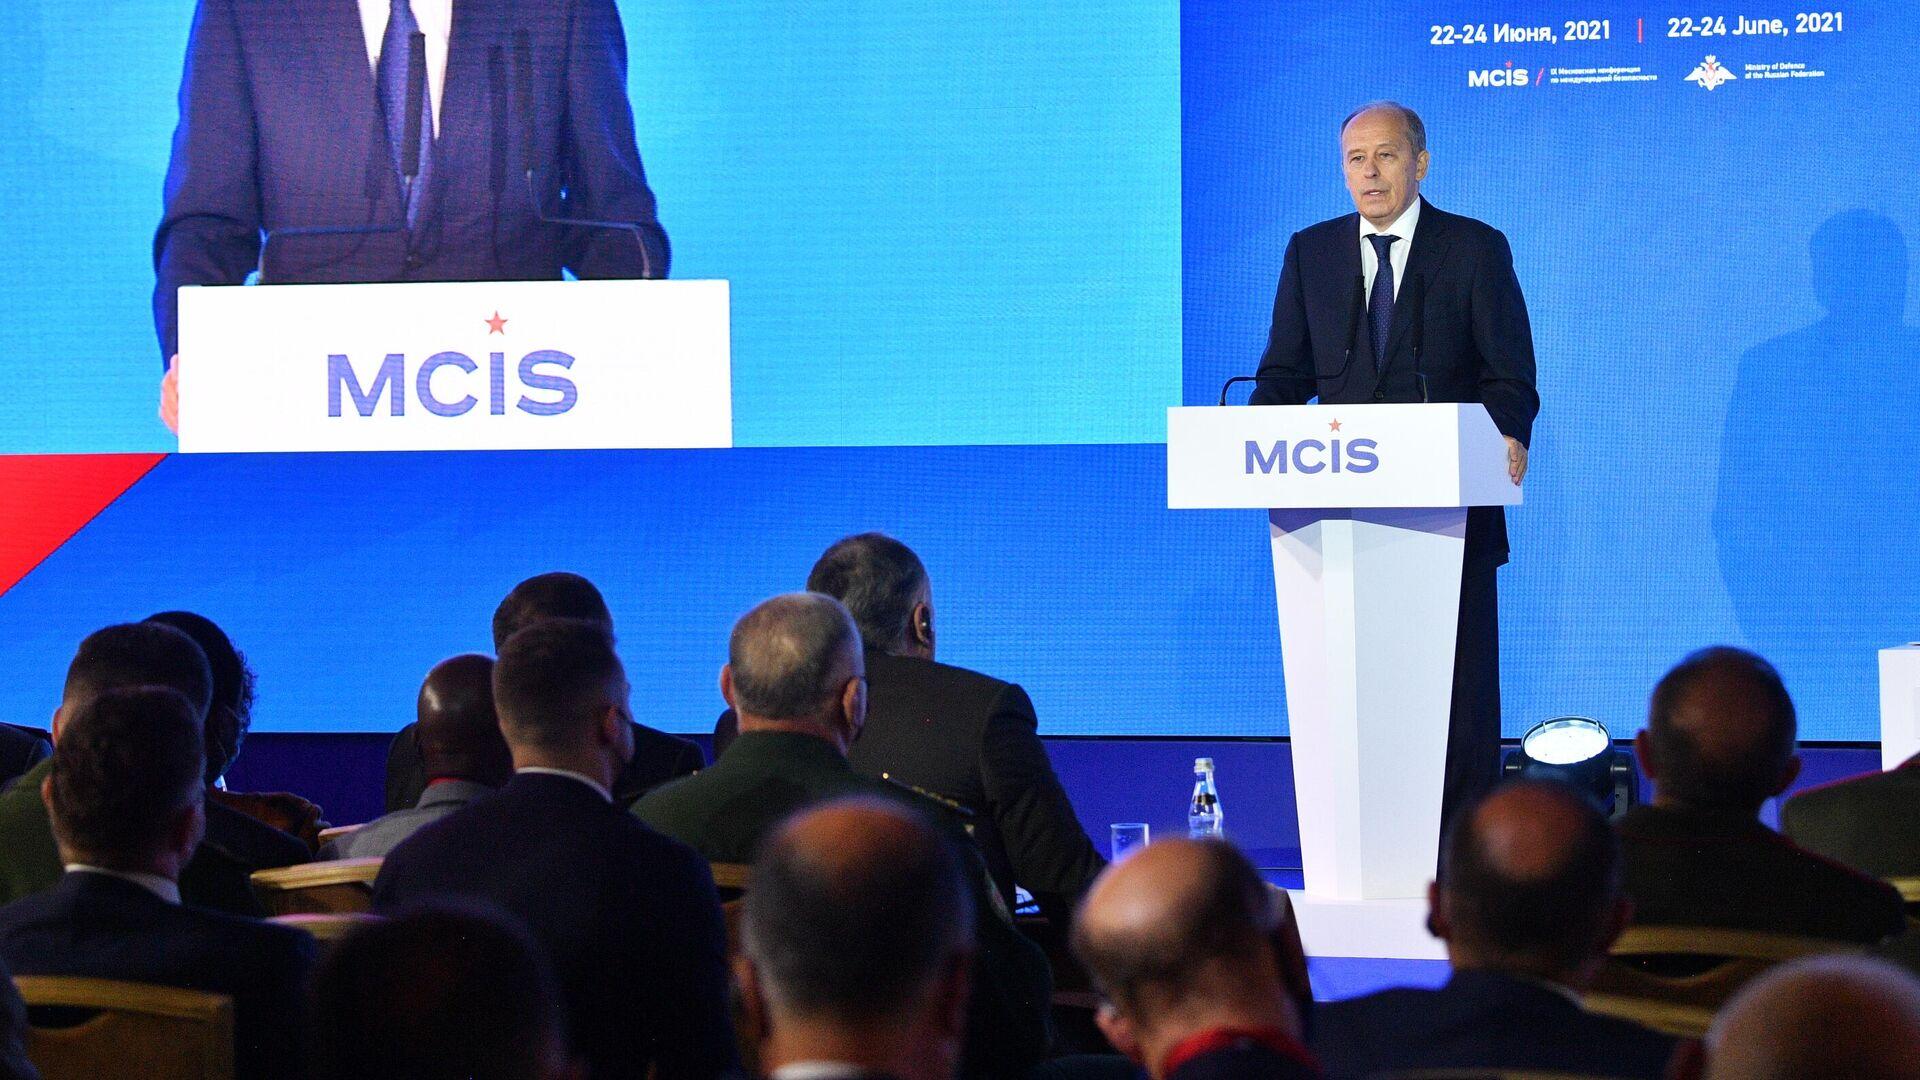 Директор ФСБ Александр Бортников выступает на IX Московской конференции по международной безопасности в Москве - РИА Новости, 1920, 23.06.2021